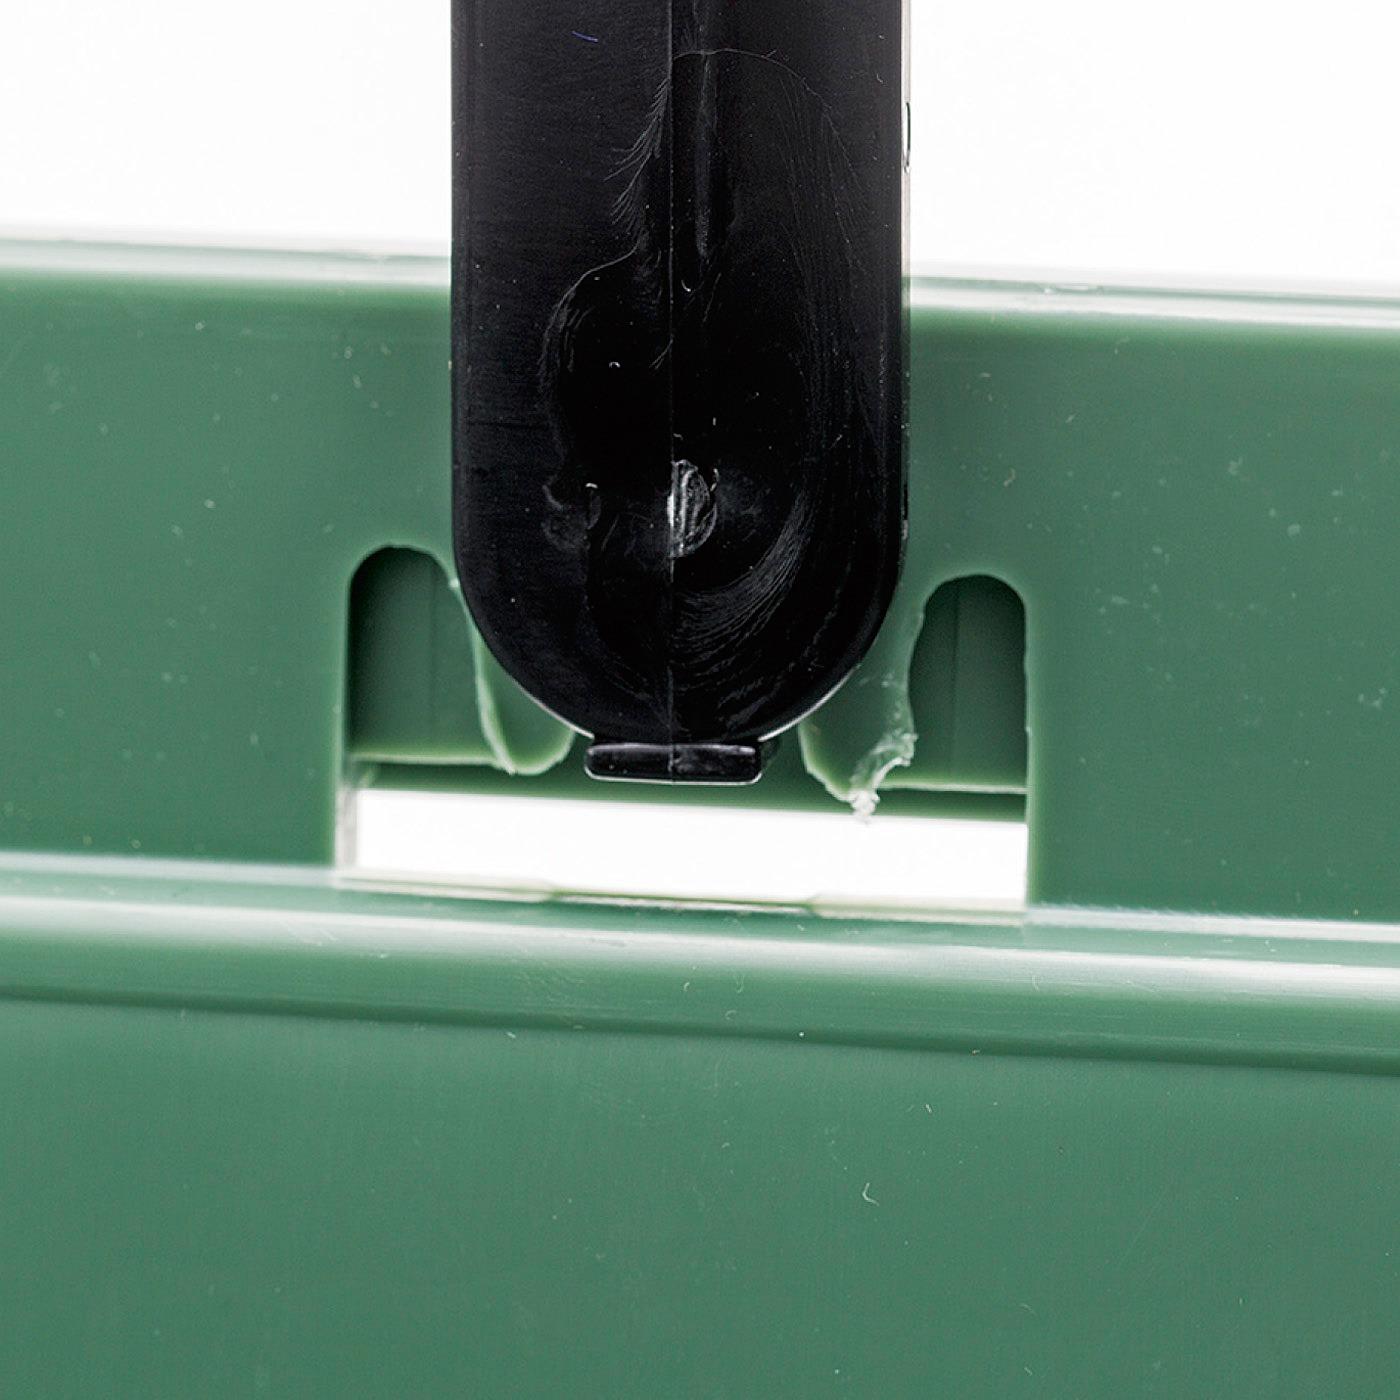 ハンドルを立てて上に引き上げると、その状態をキープ。倒れないから使いやすい。